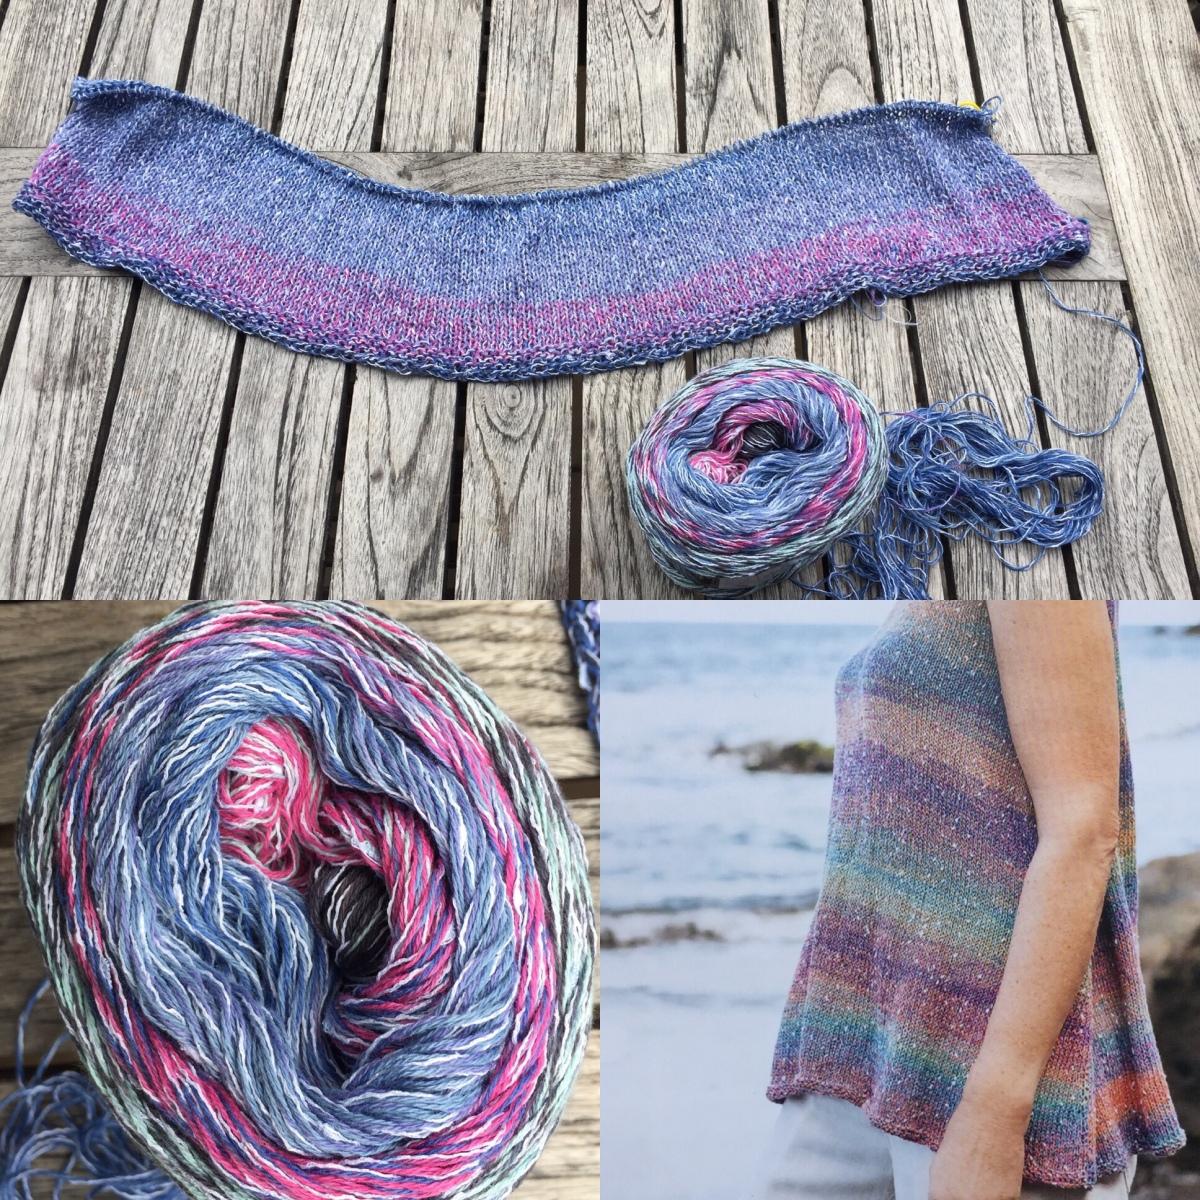 Sommerhemdchen aus Summer Tweed gestrickt - oder - Irgendwann kommt der Sommer, bestimmt!!